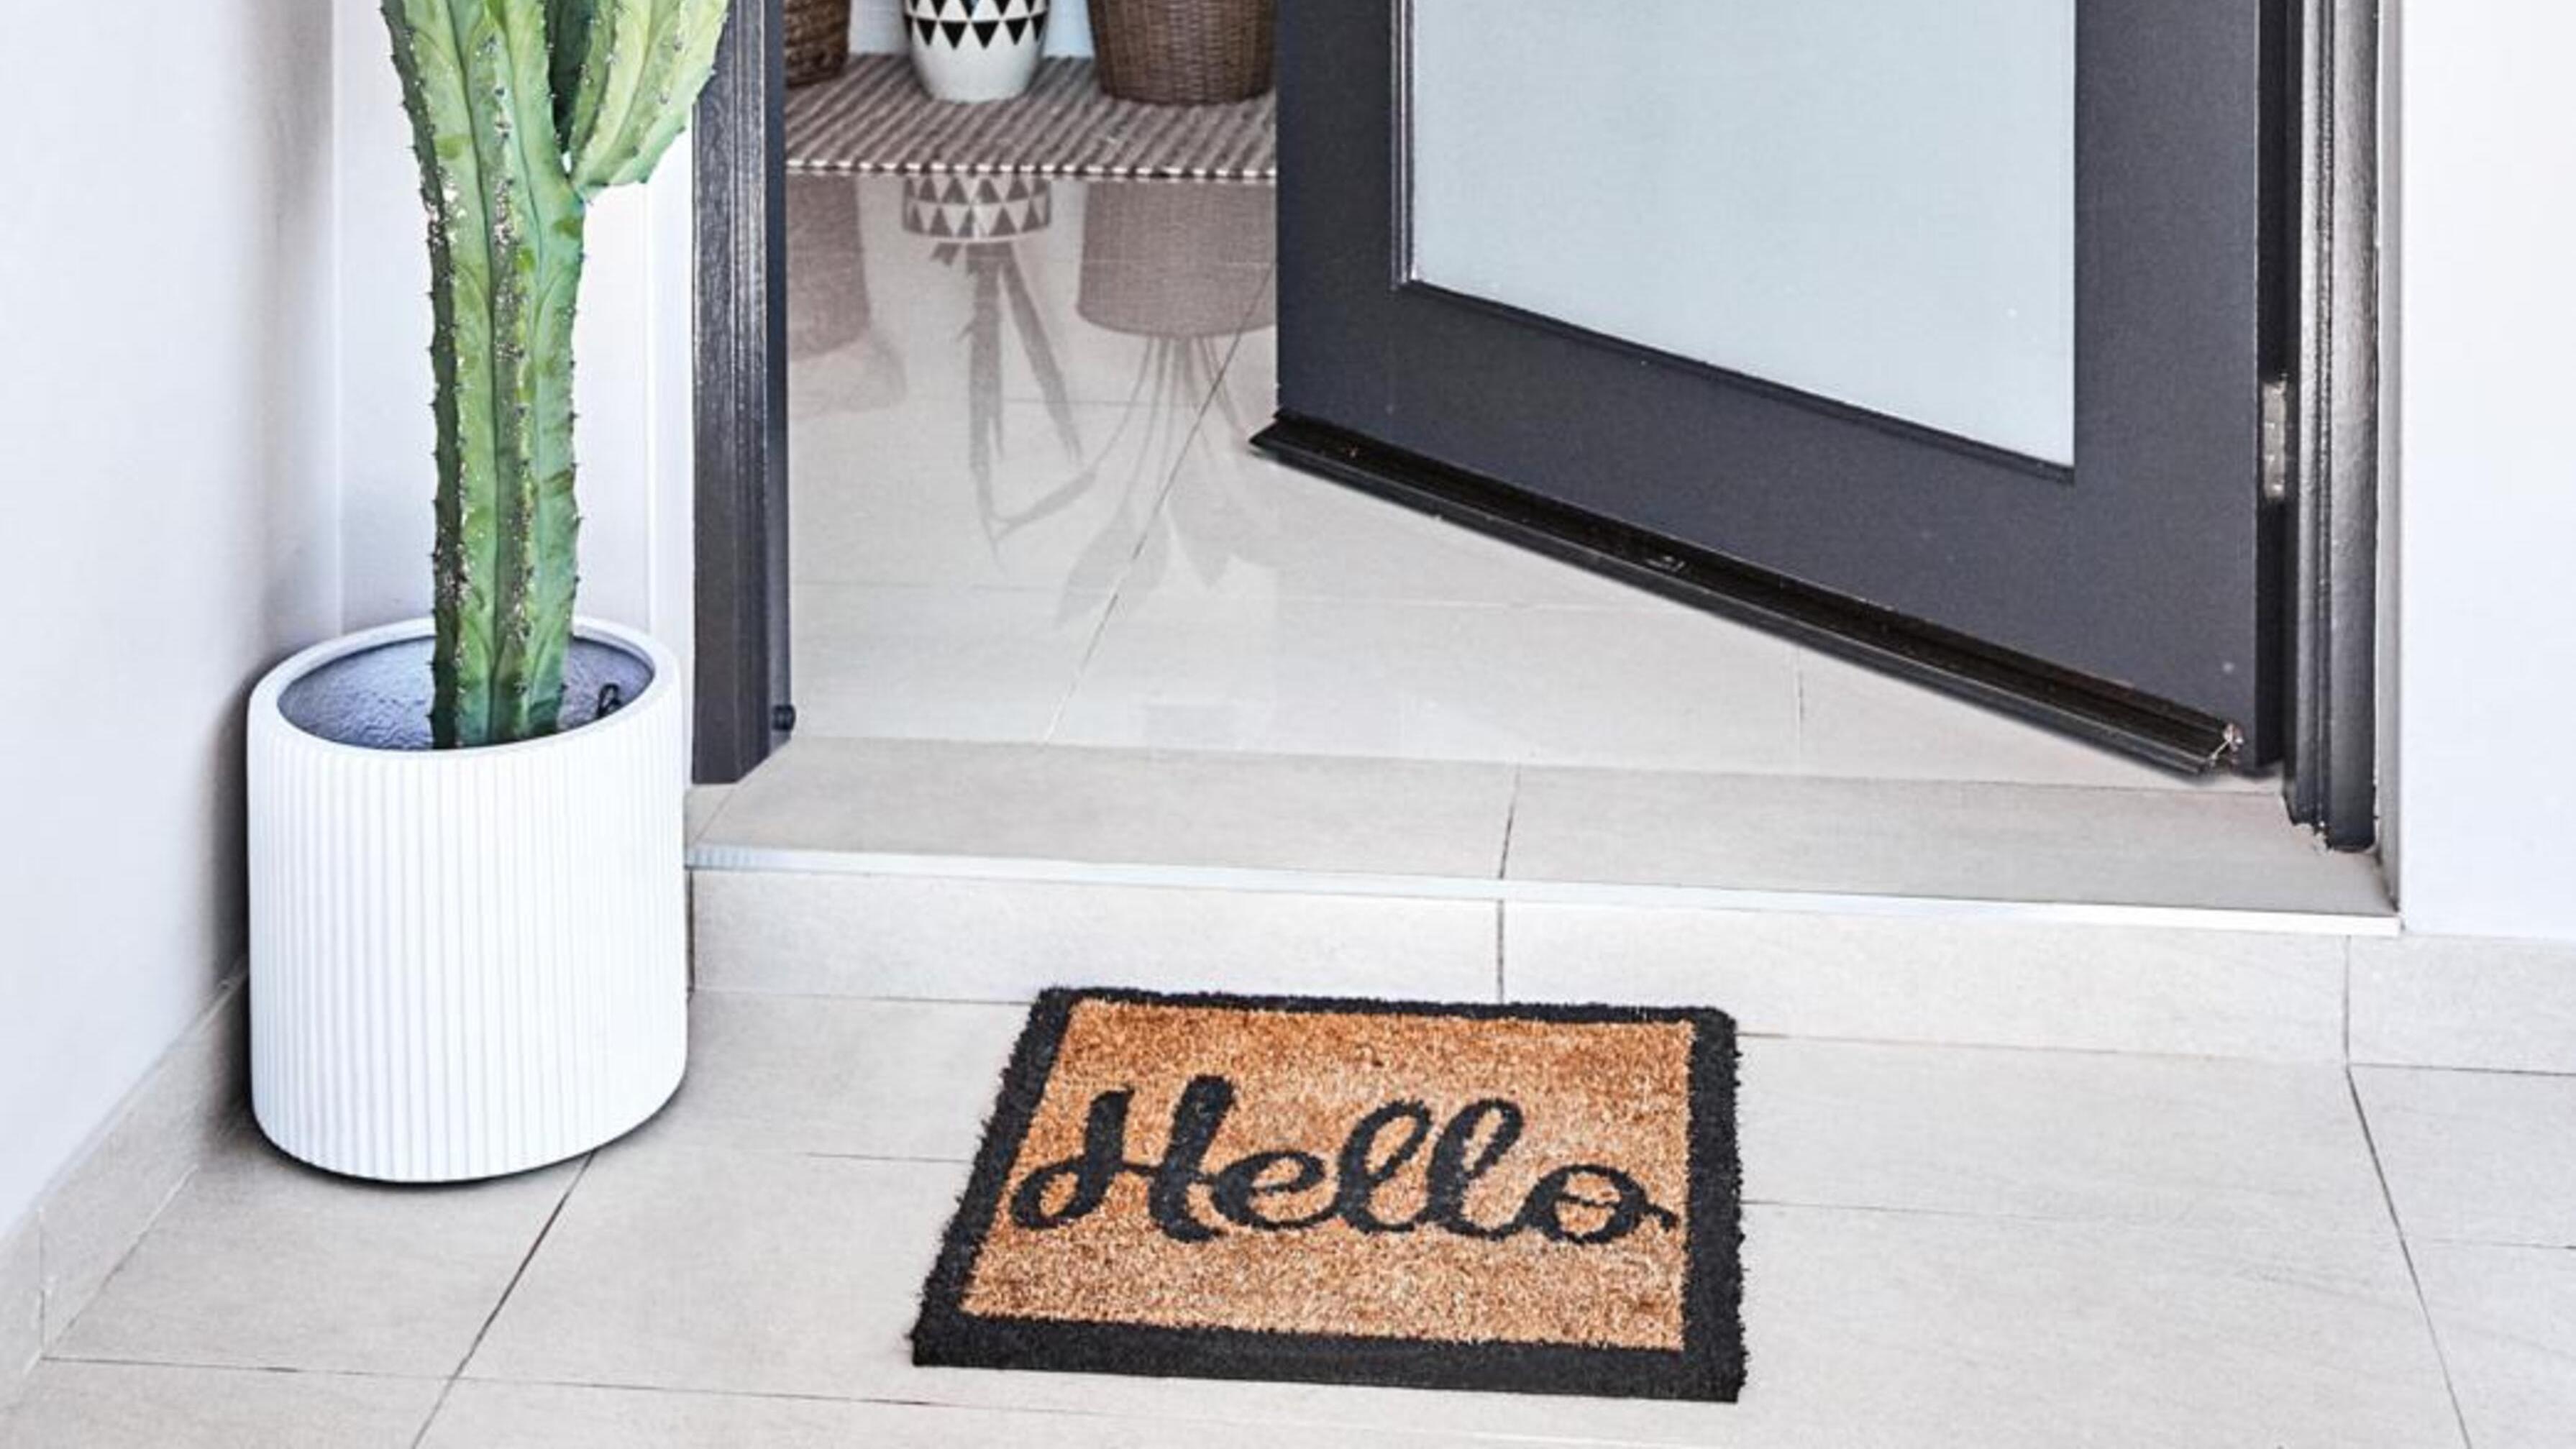 Open front door with cactus to the side and door mat in front.